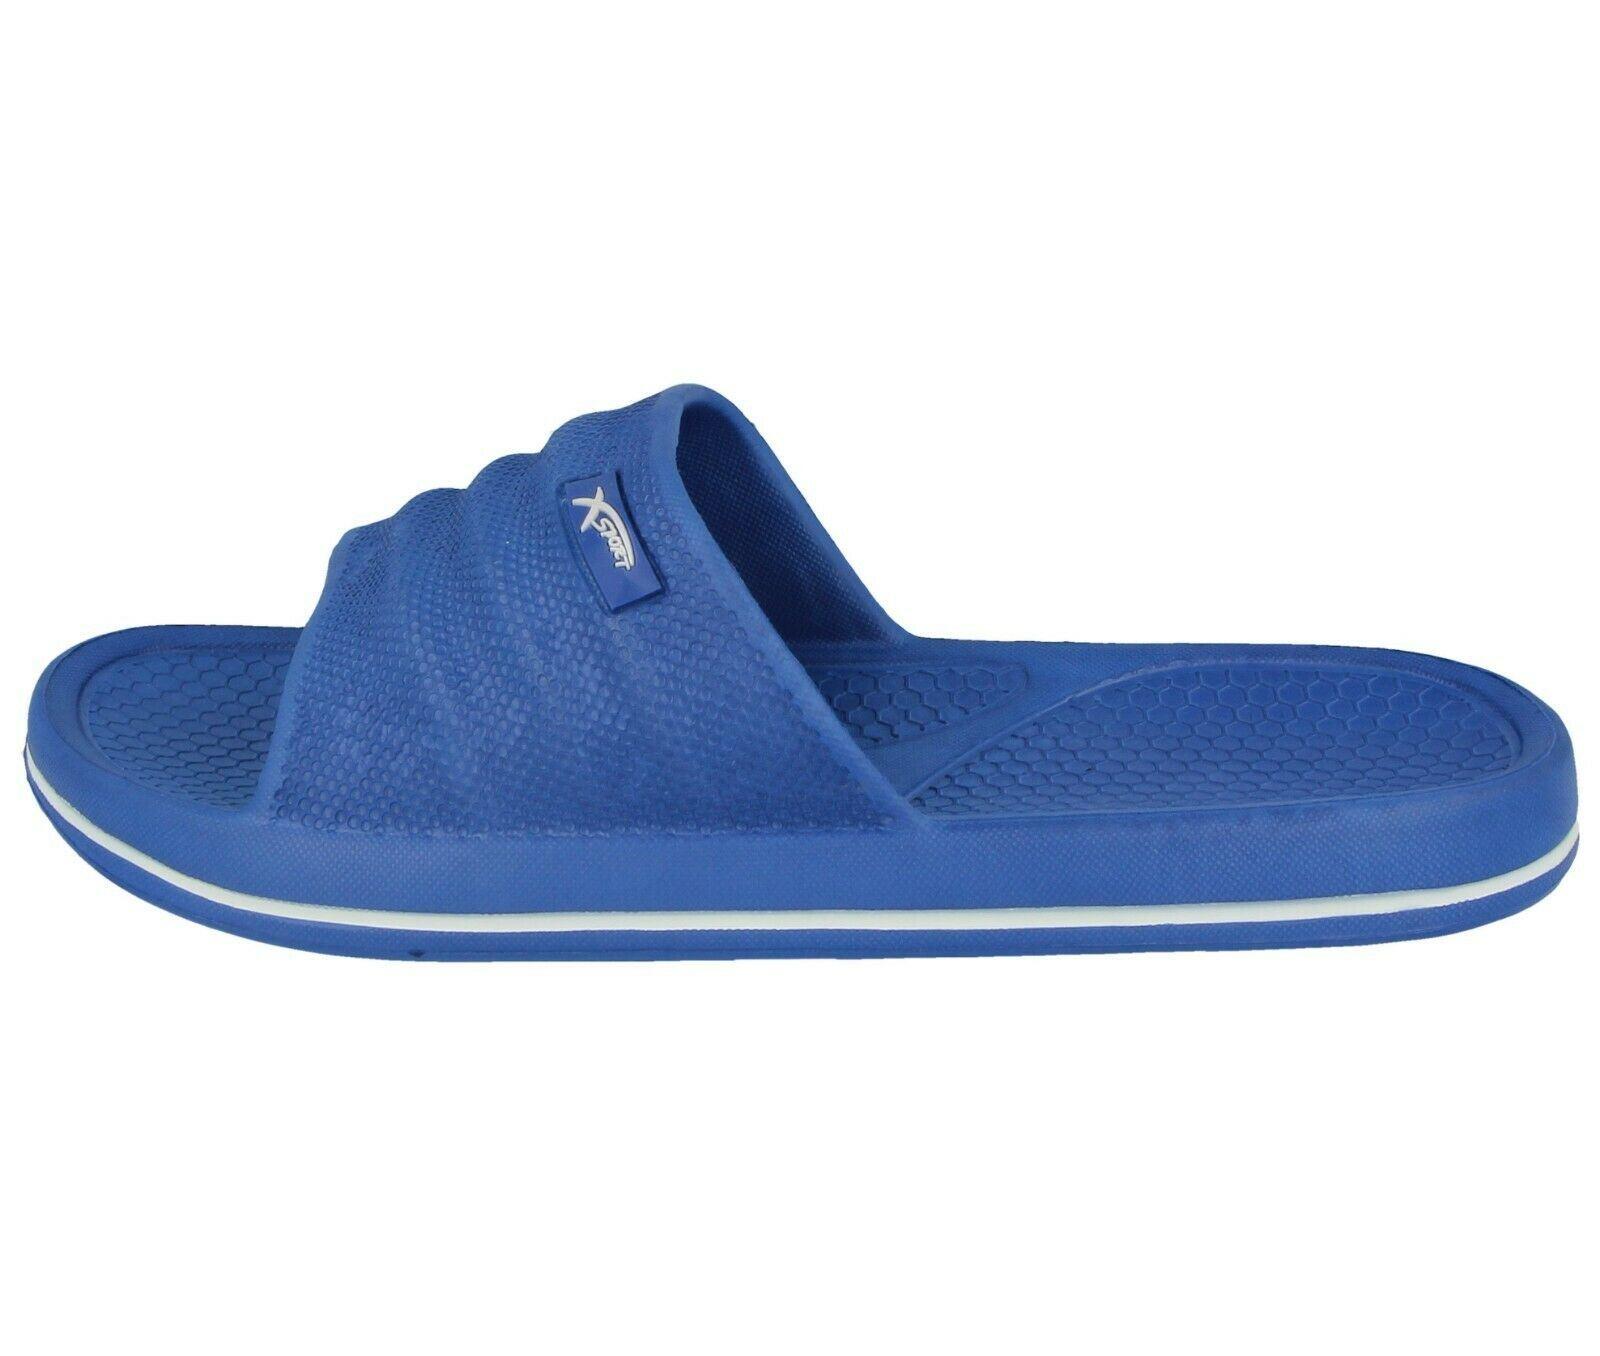 HOCHSTE Mens Slider Slip on Mules Beach Holiday Pool Shower Flat Summer Sandal Size 6-11